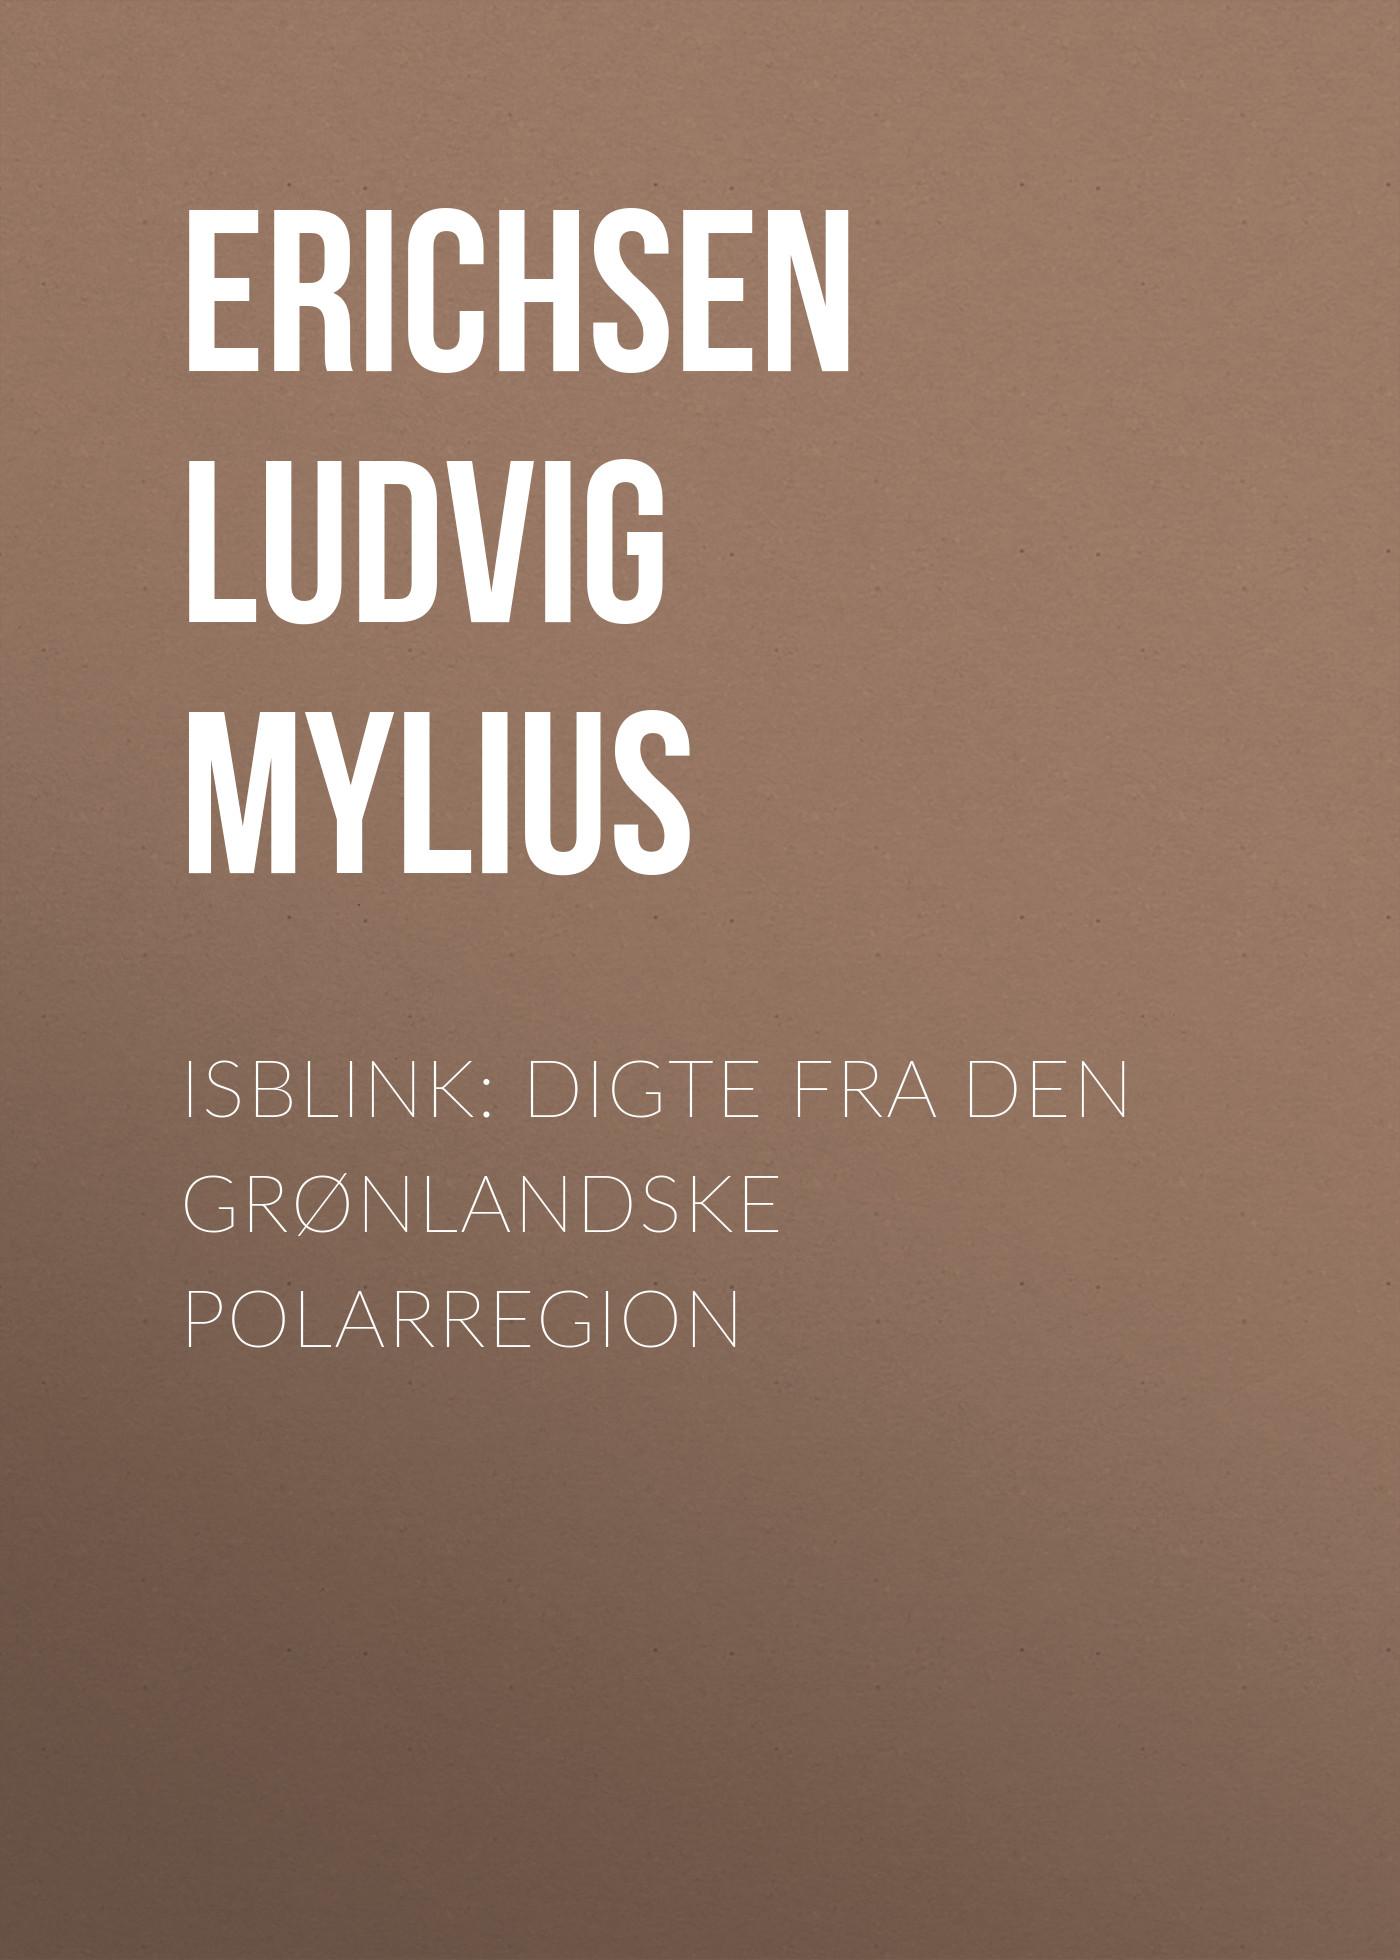 Erichsen Ludvig Mylius Isblink: Digte fra den grønlandske Polarregion